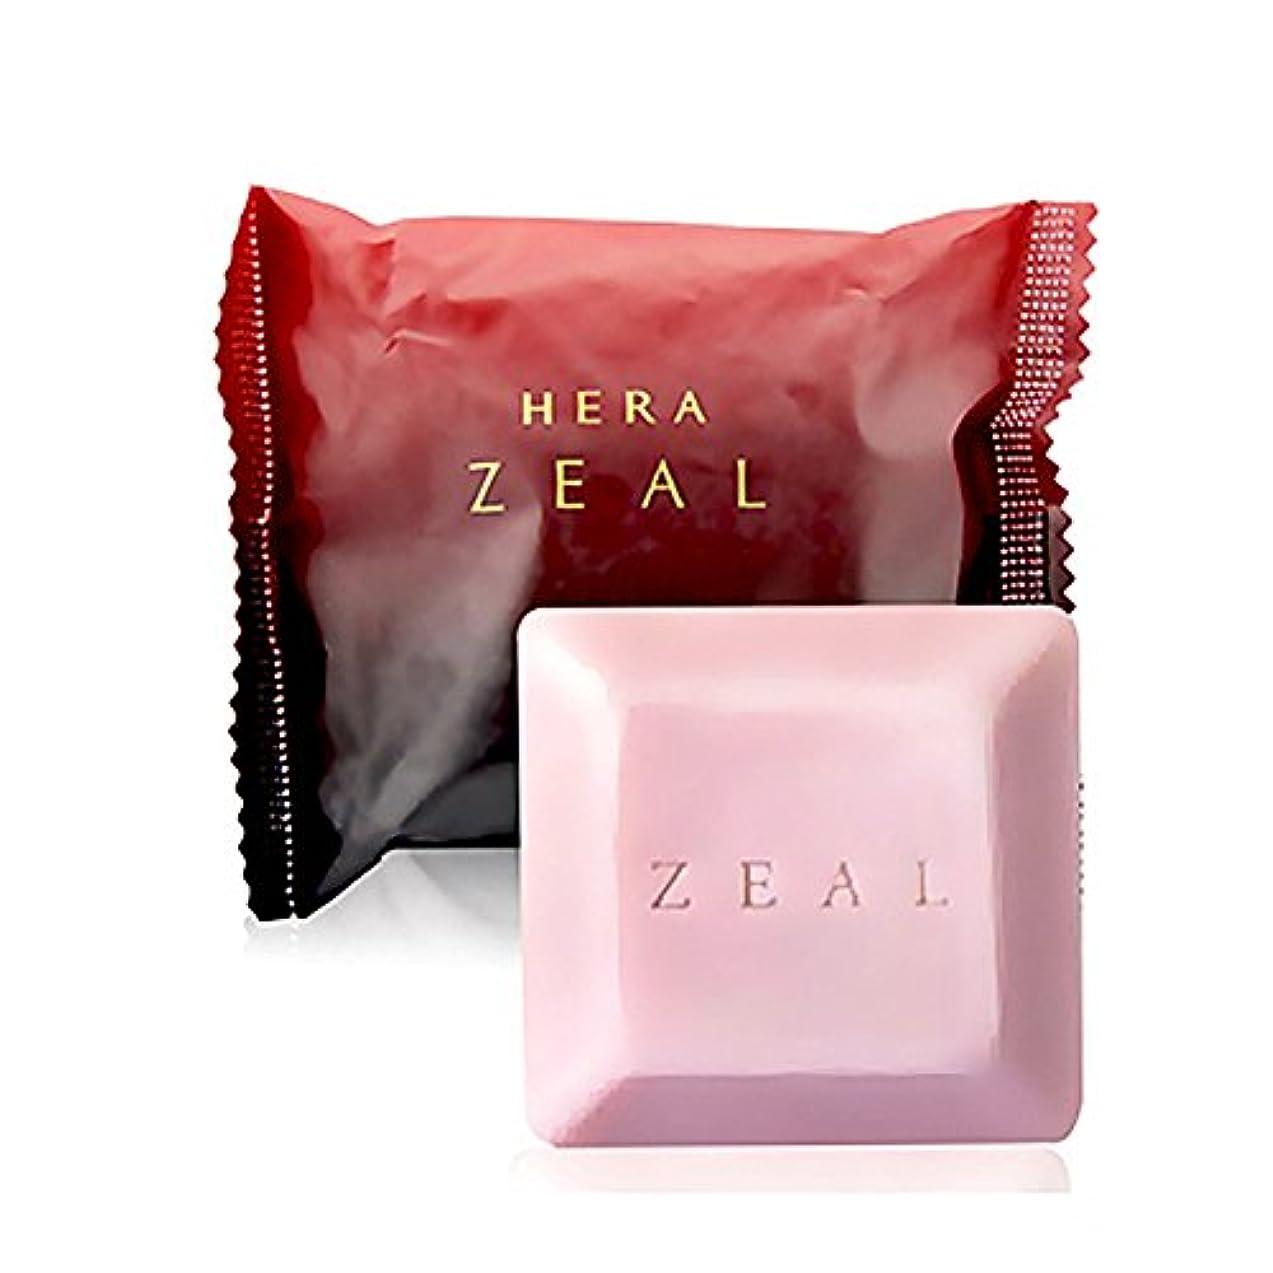 インシデントオンによるとHERA ZEAL 美容石鹸 60gソープ/Hera Zeal Organic Perfumed Soap